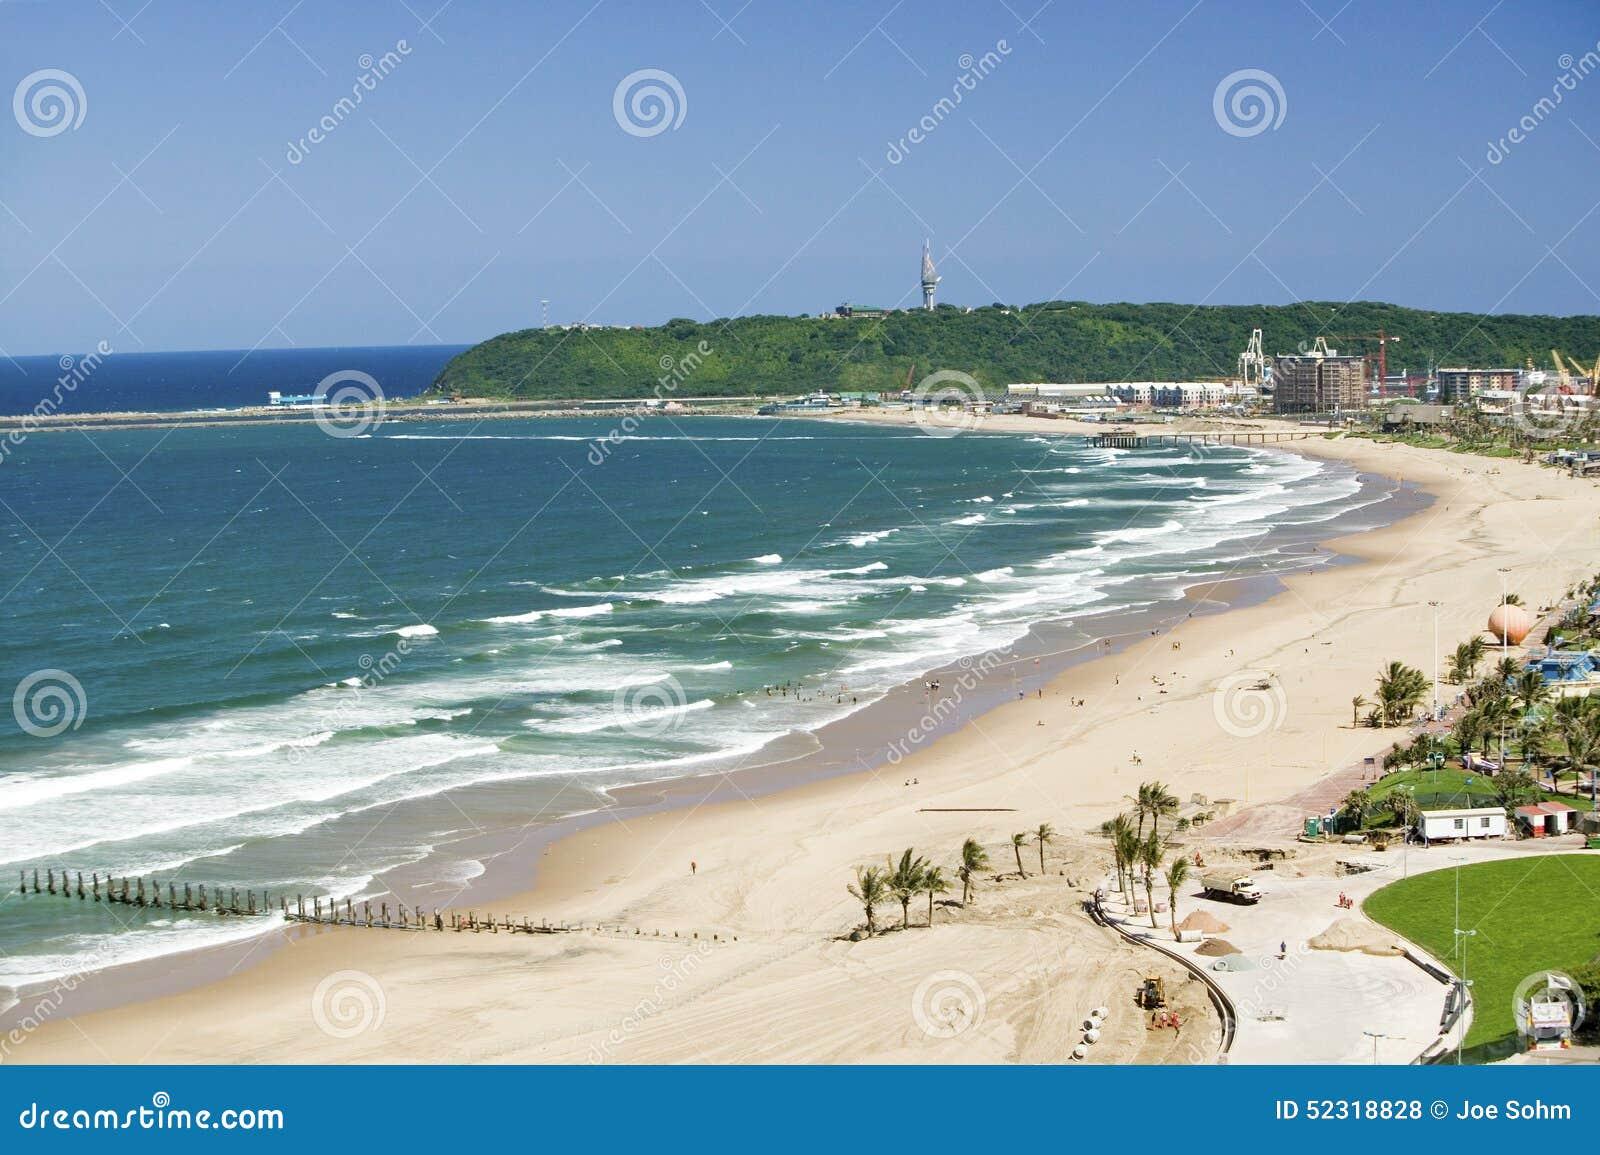 Vista aerea di Oceano Indiano e delle spiagge sabbiose bianche nel centro città di Durban, Sudafrica